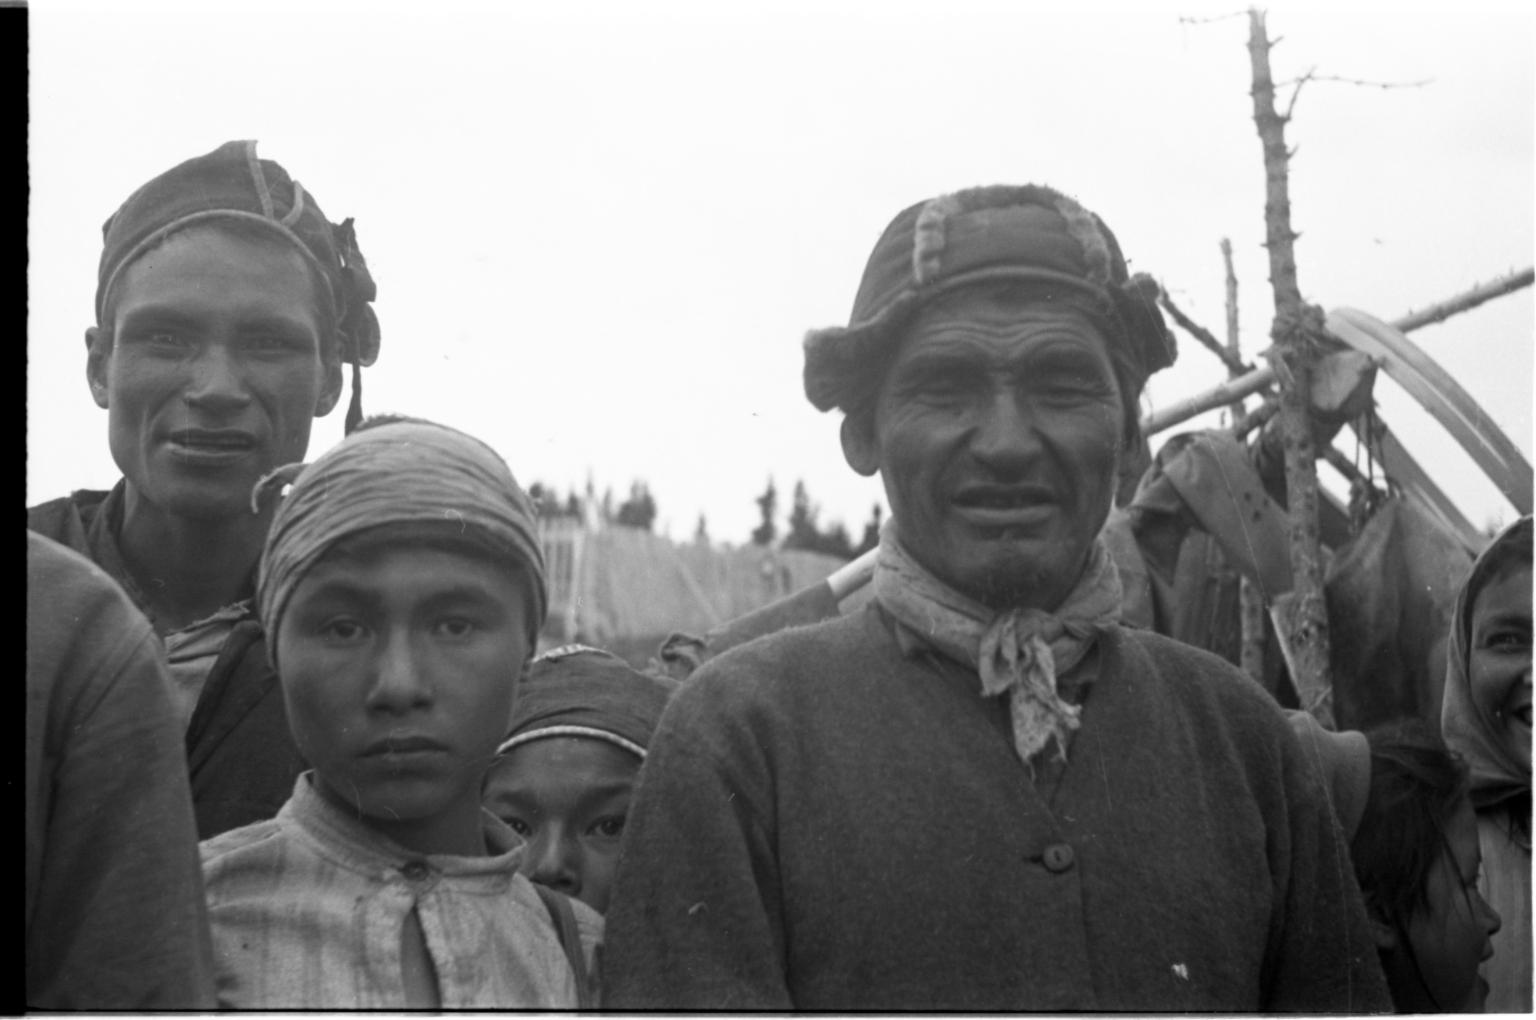 Naskapi Indians